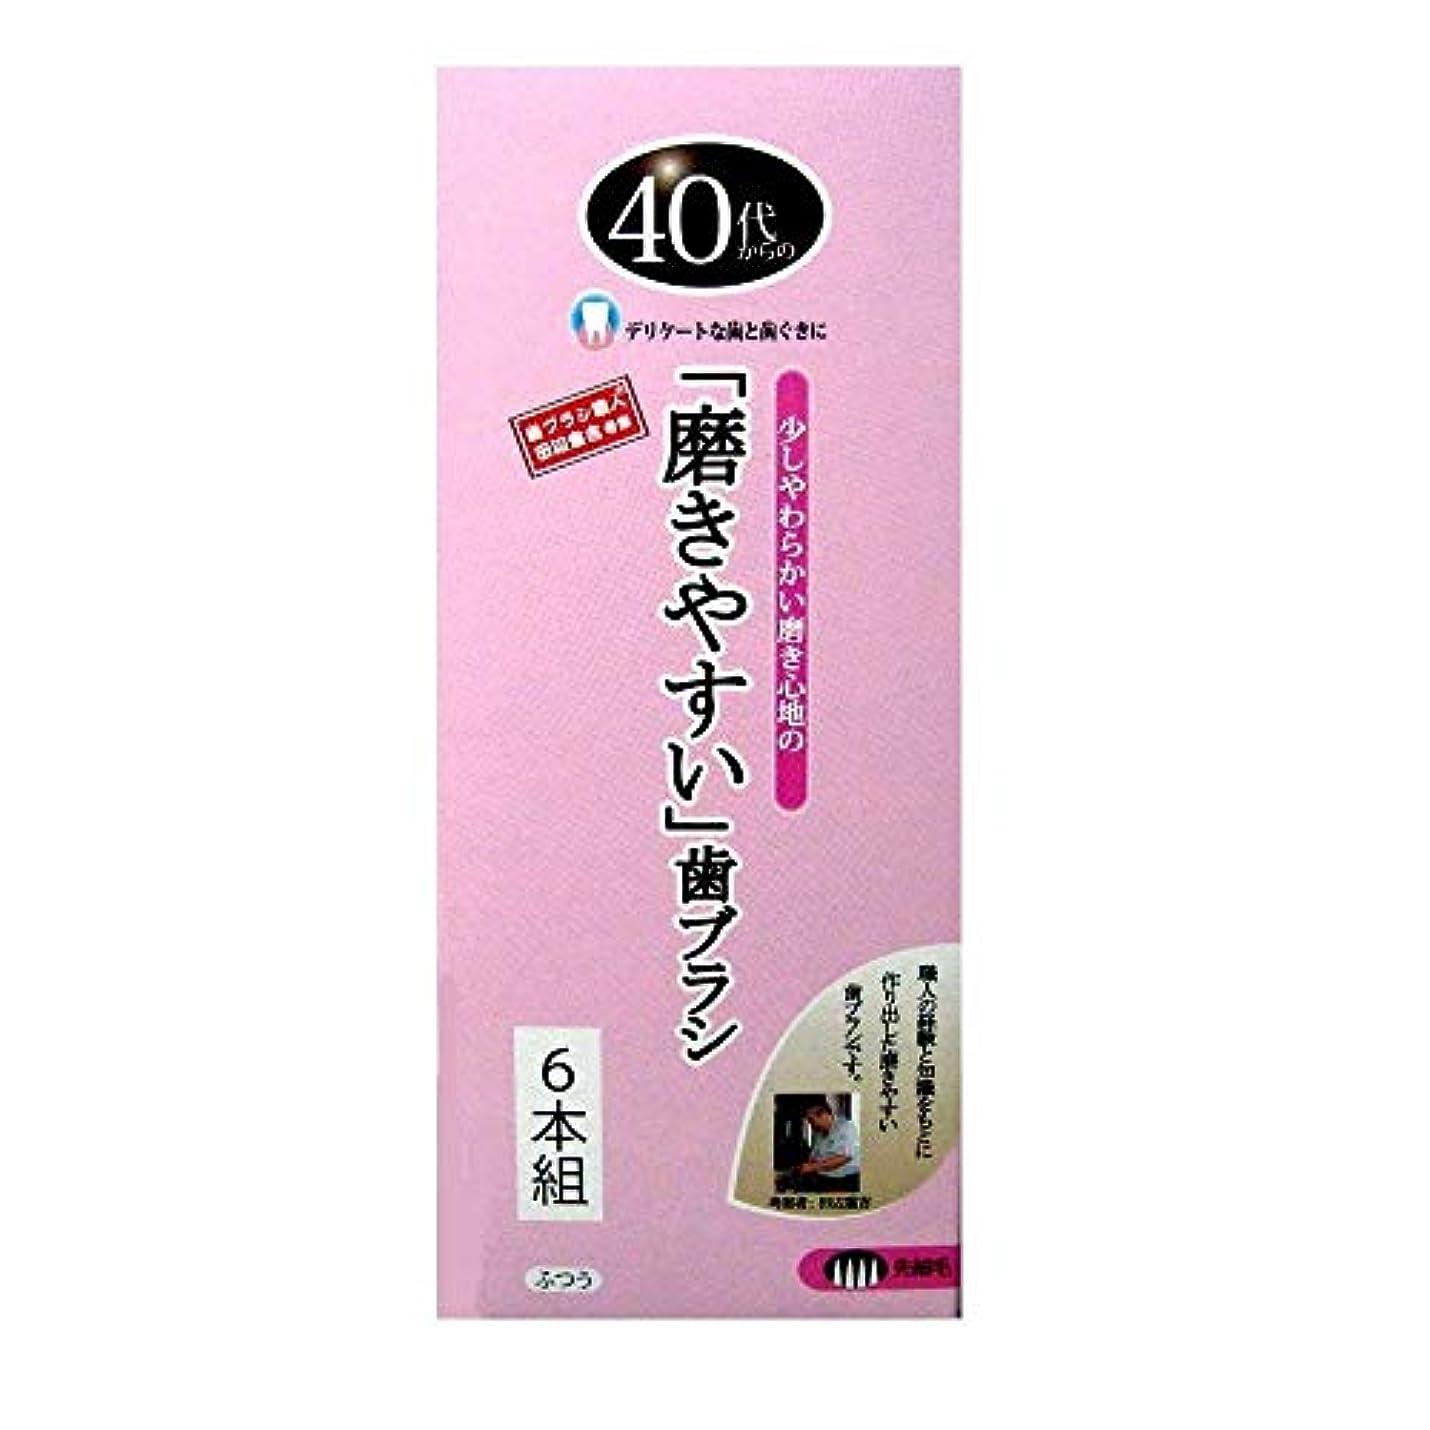 香港冗長どっちでも歯ブラシ職人 Artooth ® 田辺重吉の磨きやすい 40代からの歯ブラシ 歯ぐきにやさしい 細めの毛 先細毛 日本製 6本セットLT-15-6